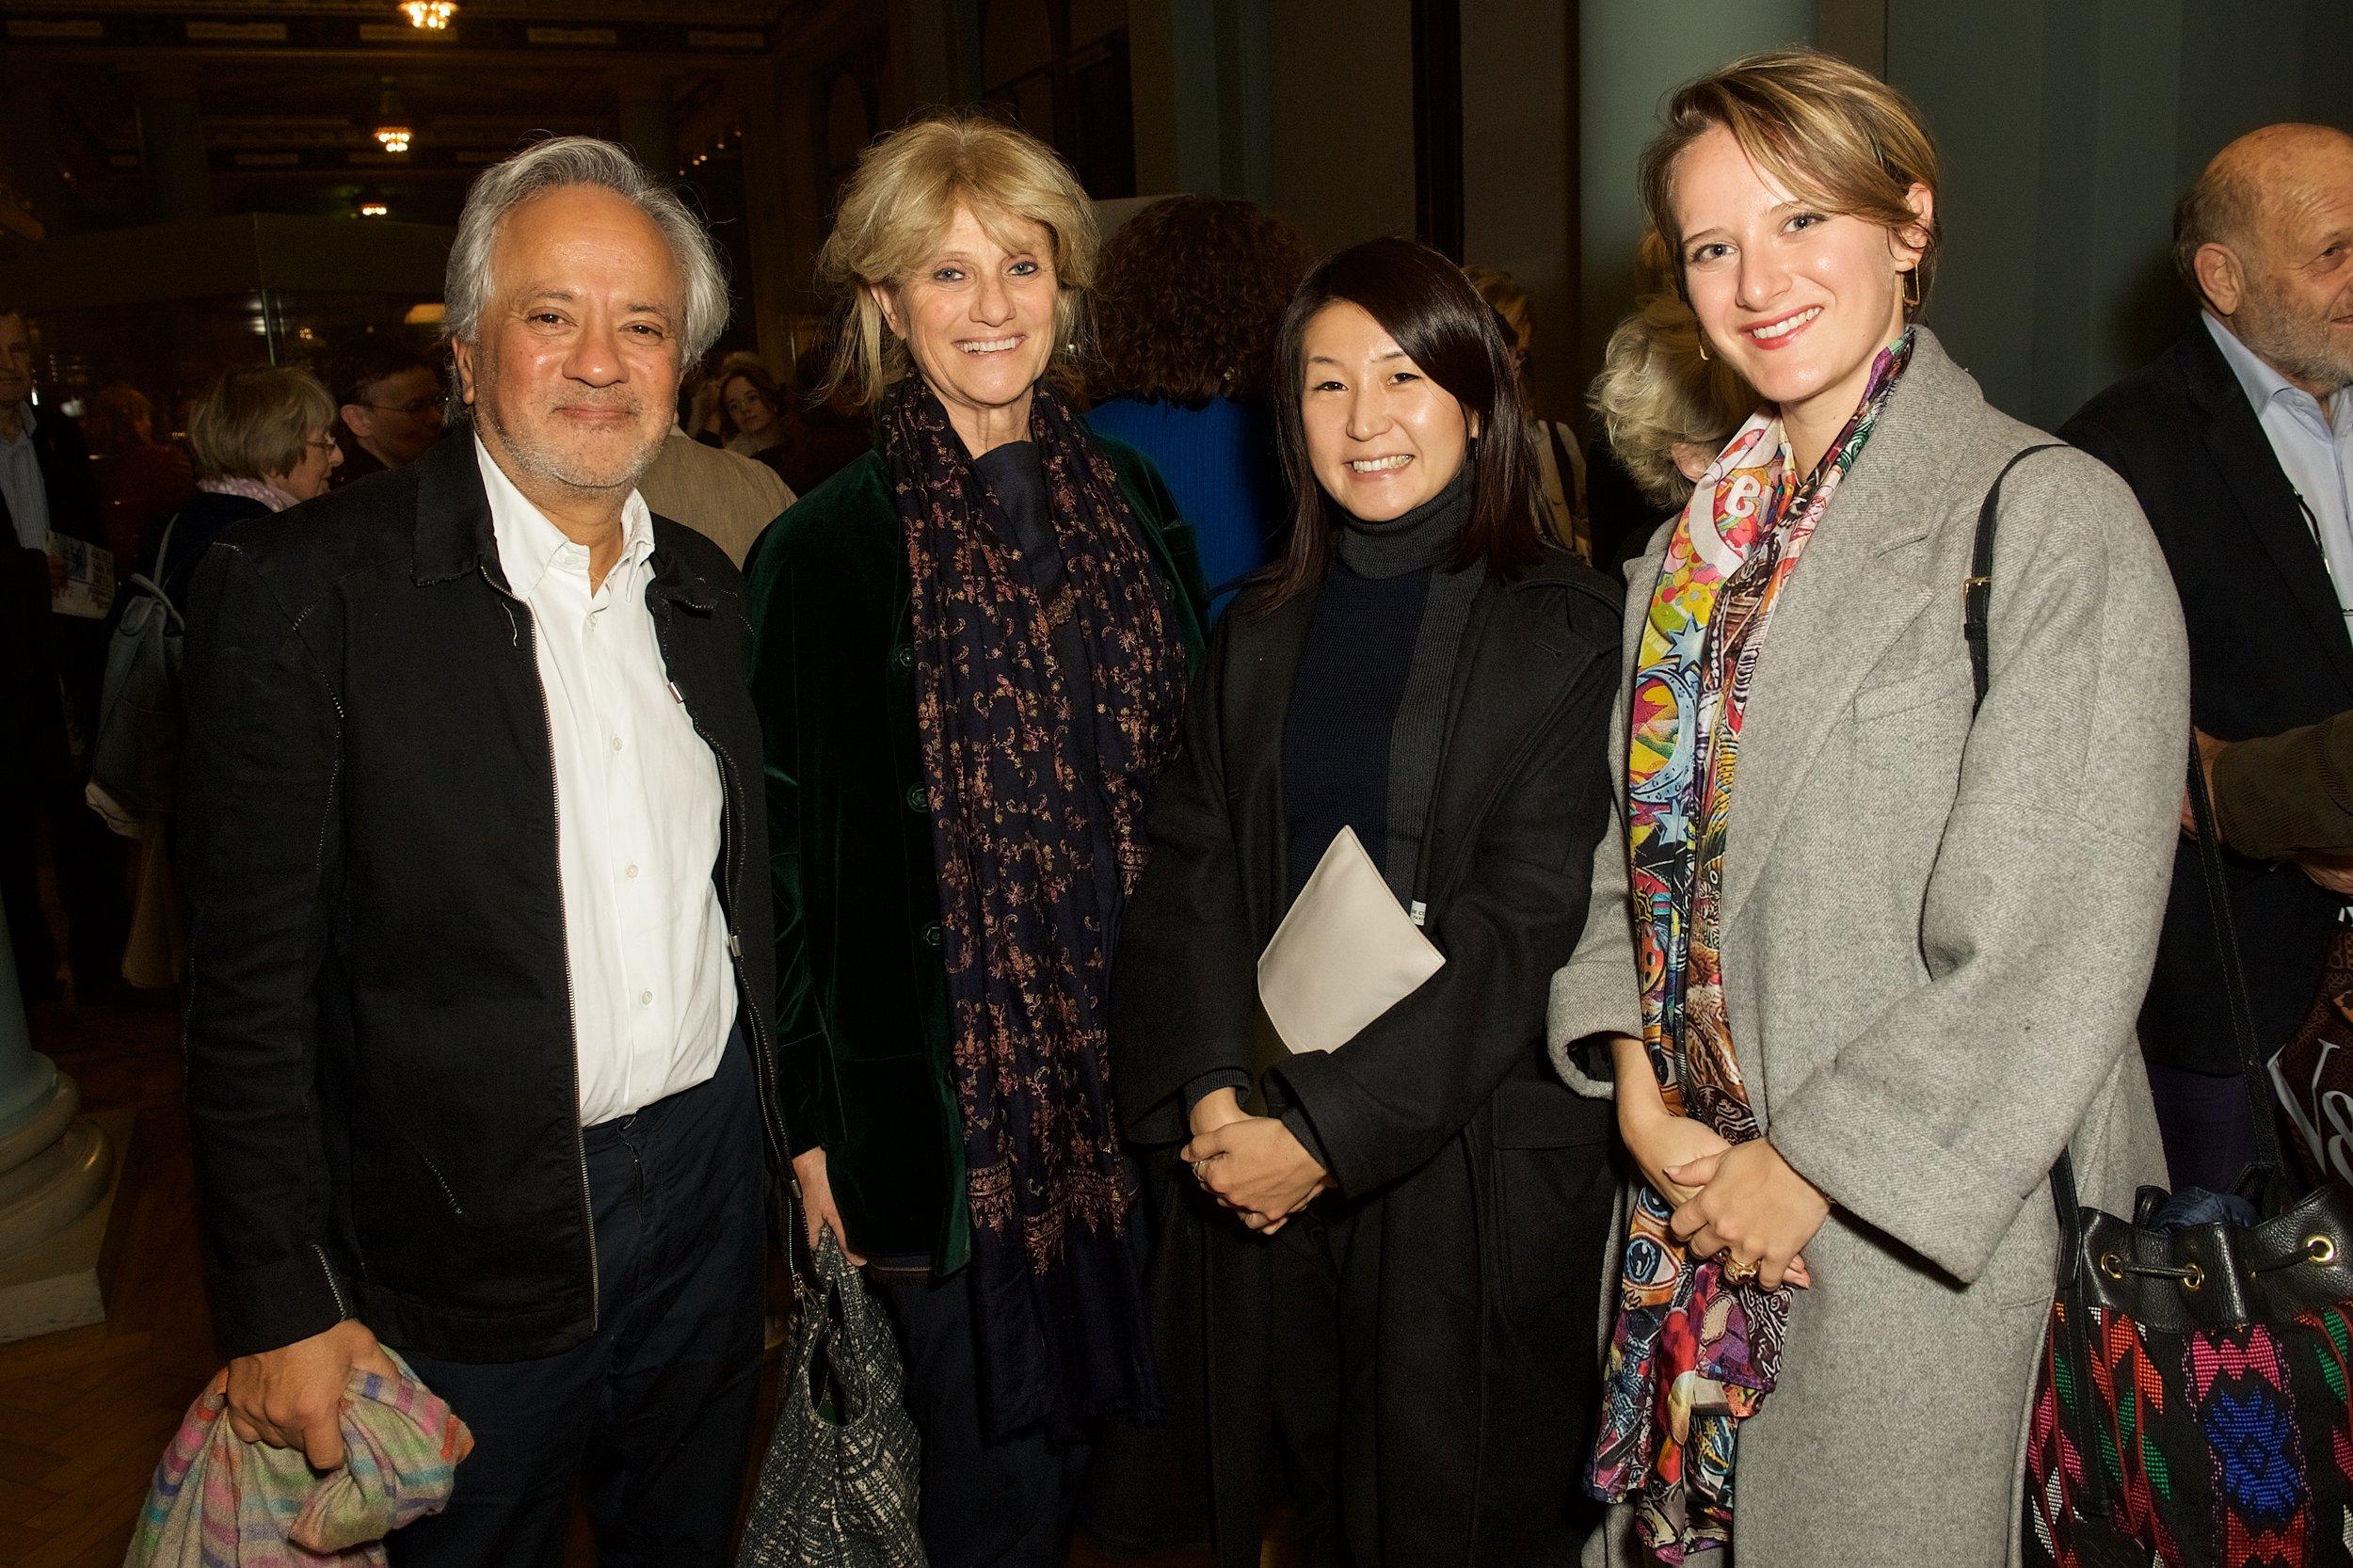 Anish Kapoor, Fausta Eskanazi, Yurika Shiraishi